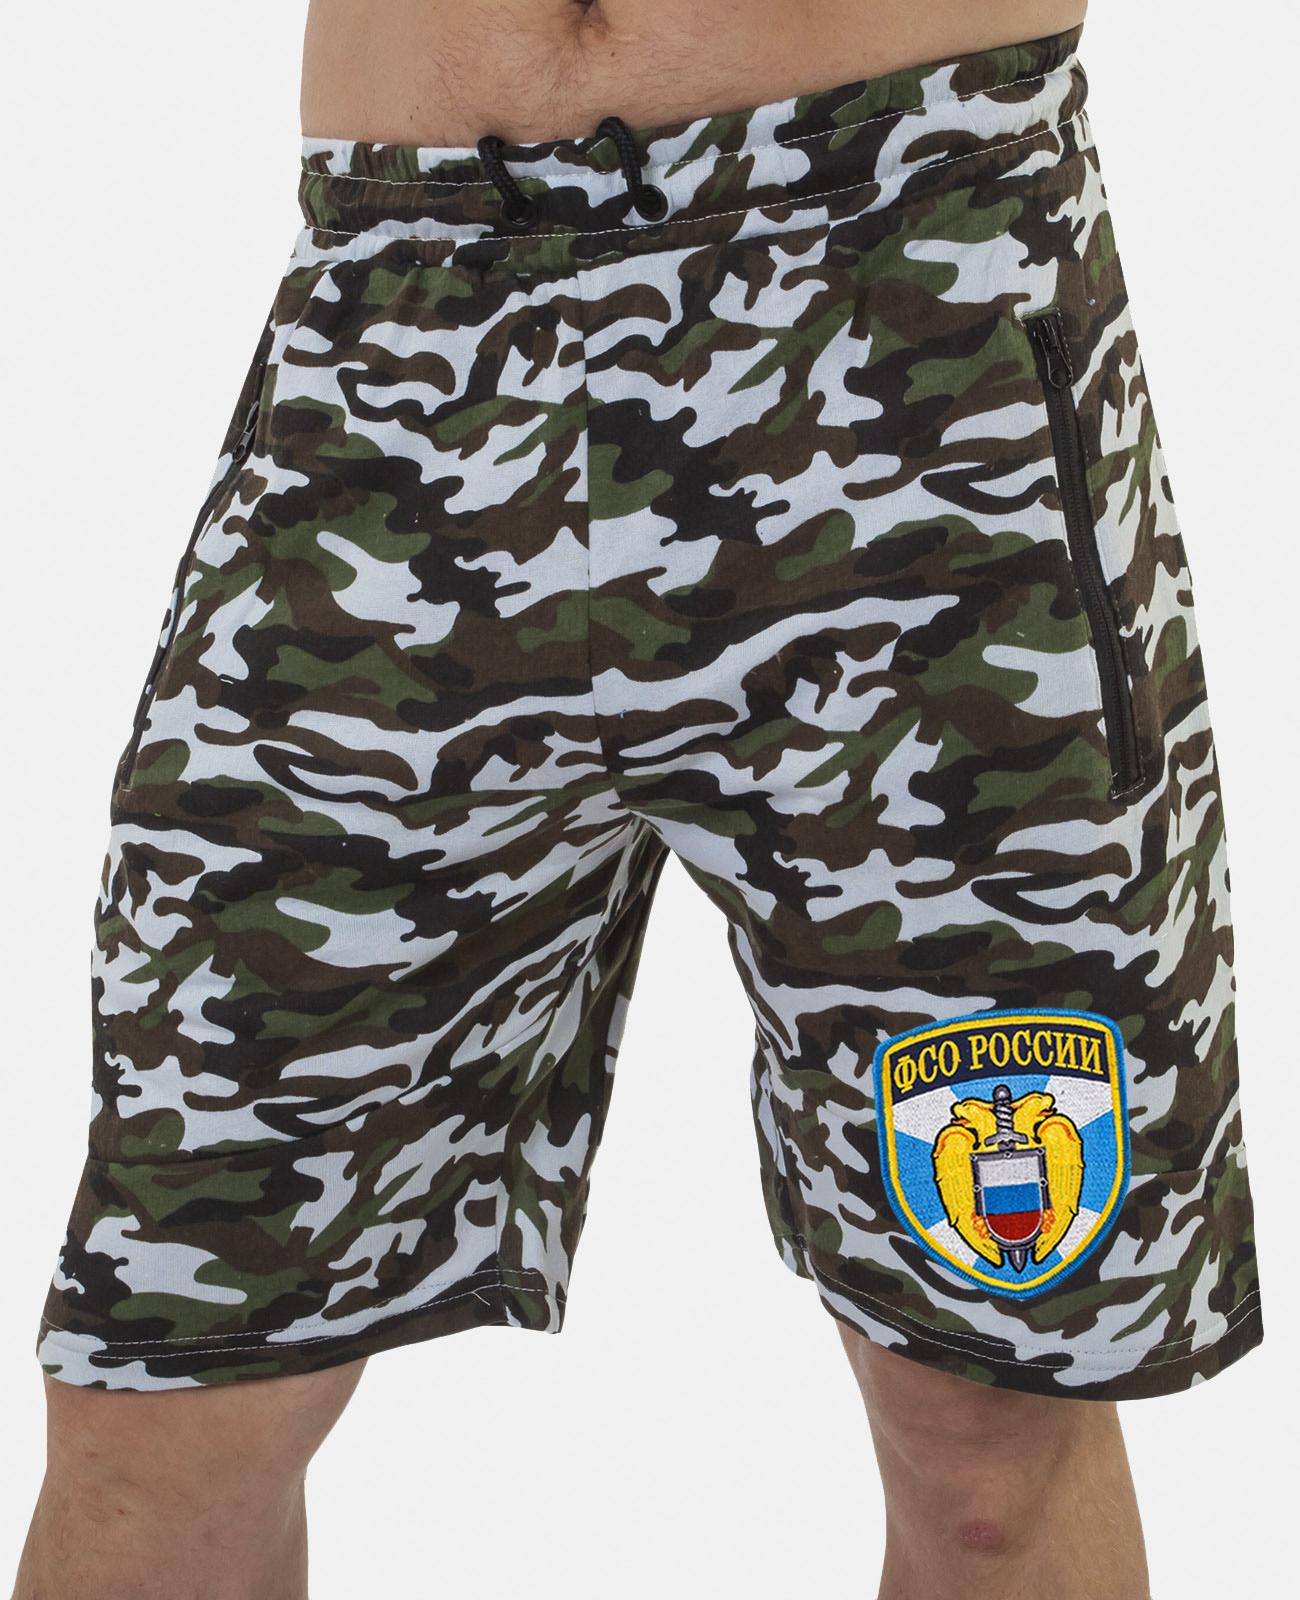 Купить мужские камуфлированные шорты с нашивкой ФСО в подарок с доставкой